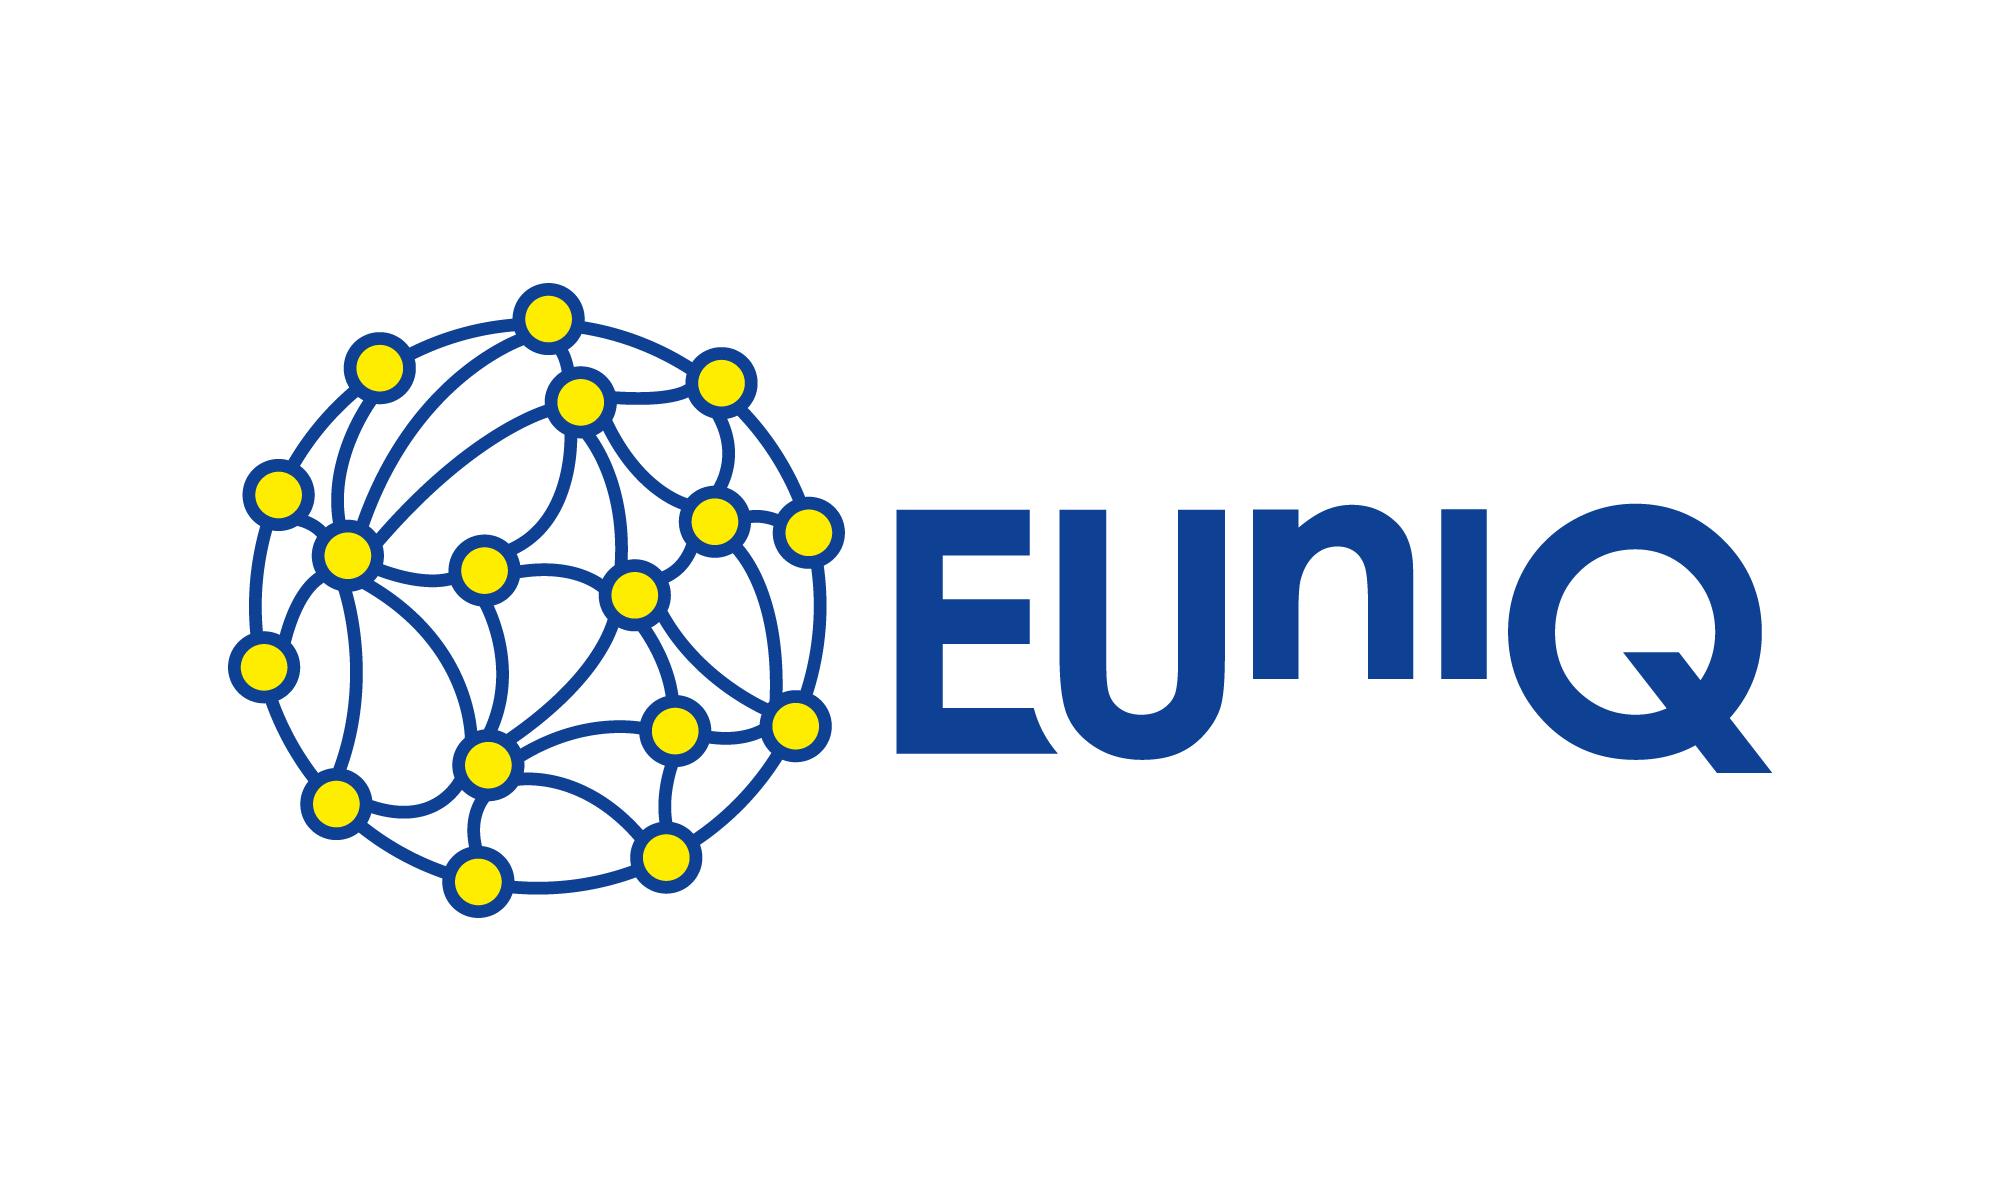 Vebinārs: EUniQ projekta pilotnovērtēšanas procedūru rezultāti un to ietekme uz Eiropas universitāšu tīklu kvalitātes nodrošināšanas metodoloģiju